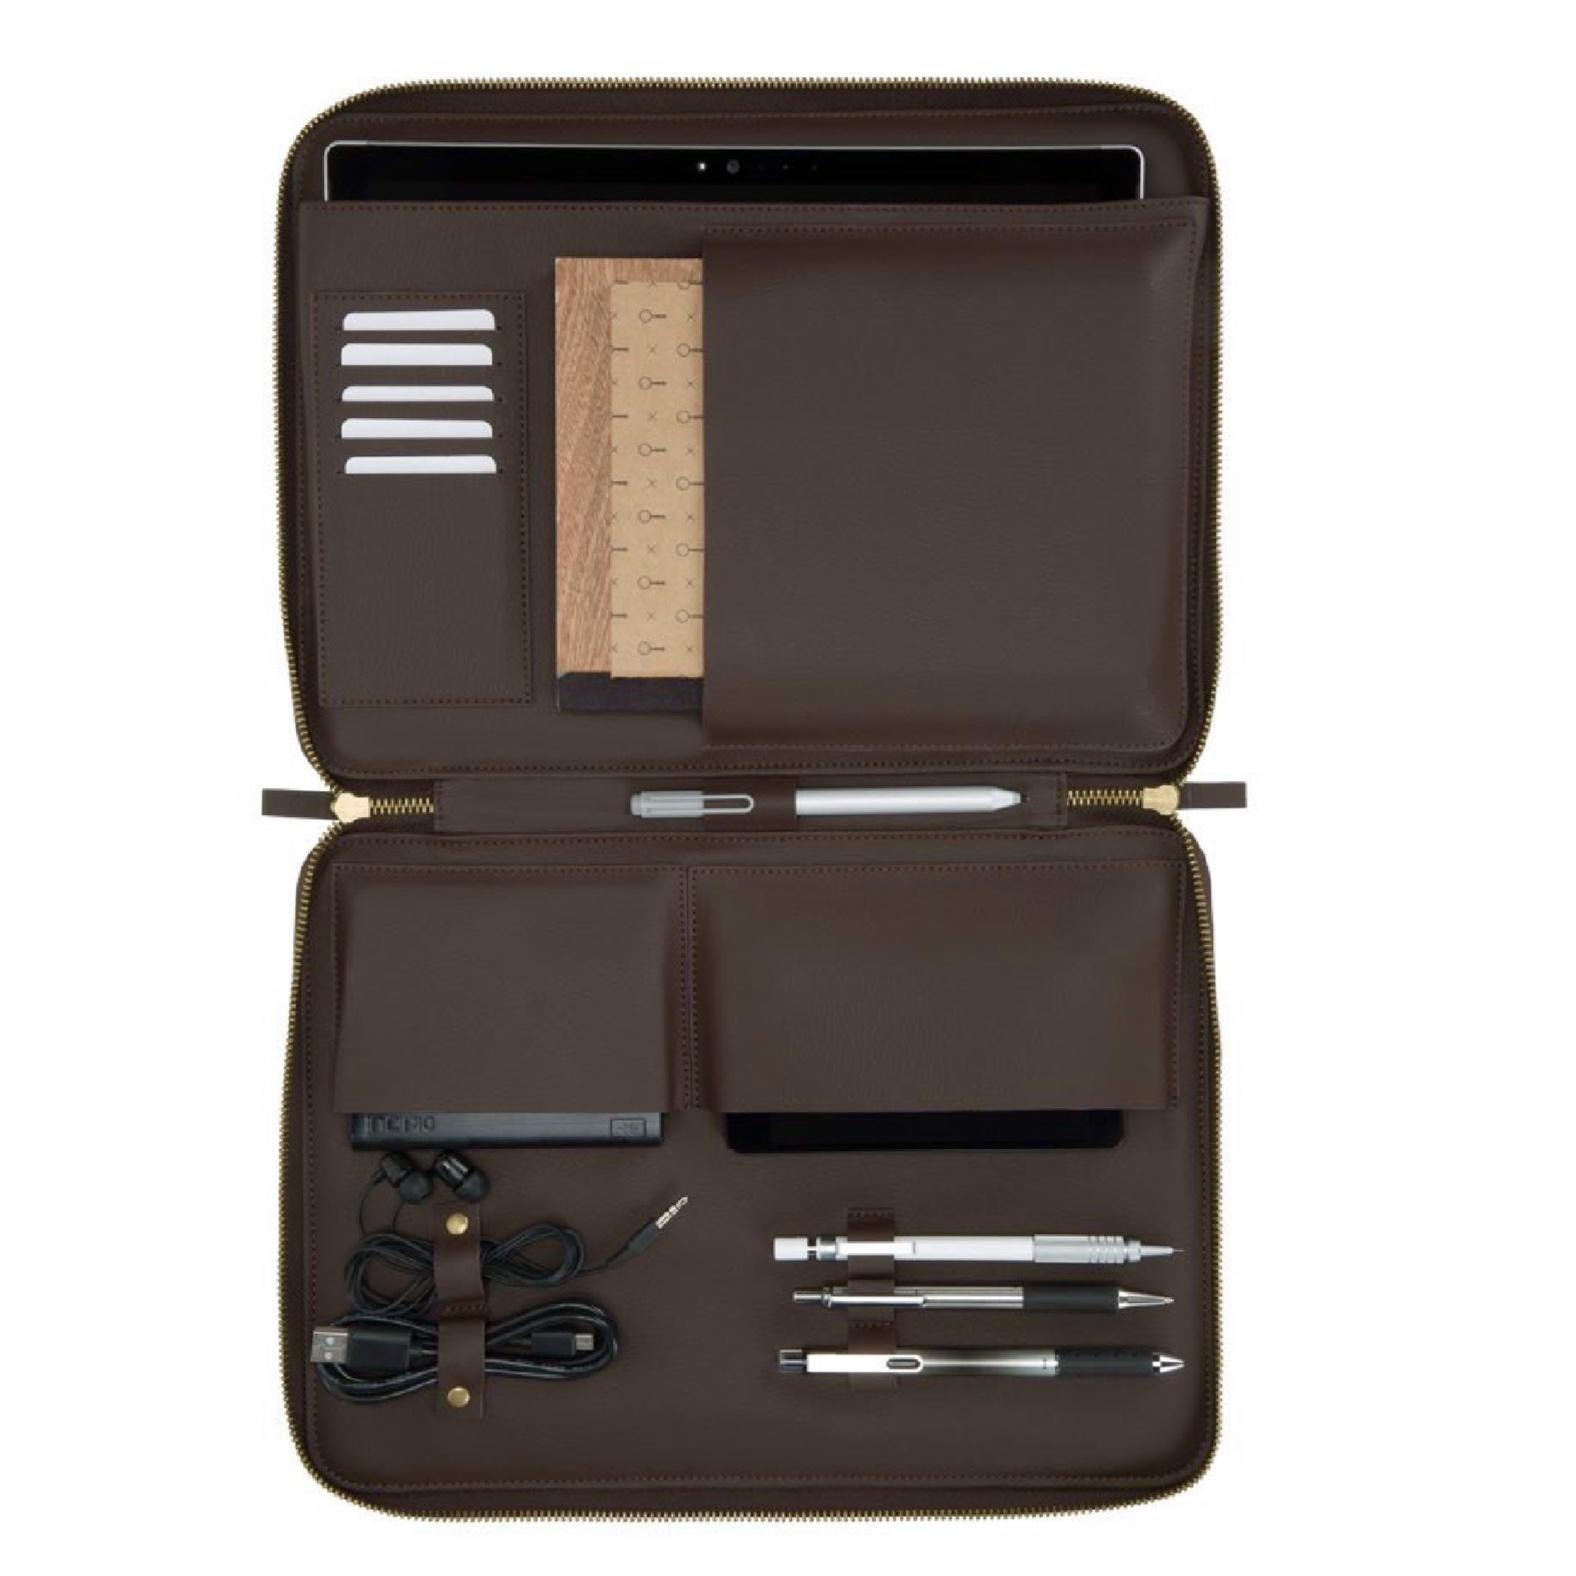 Housse Zip Multi poches SURFACE PRO 7 et PRO 6 Esquire Gris et Bordeaux